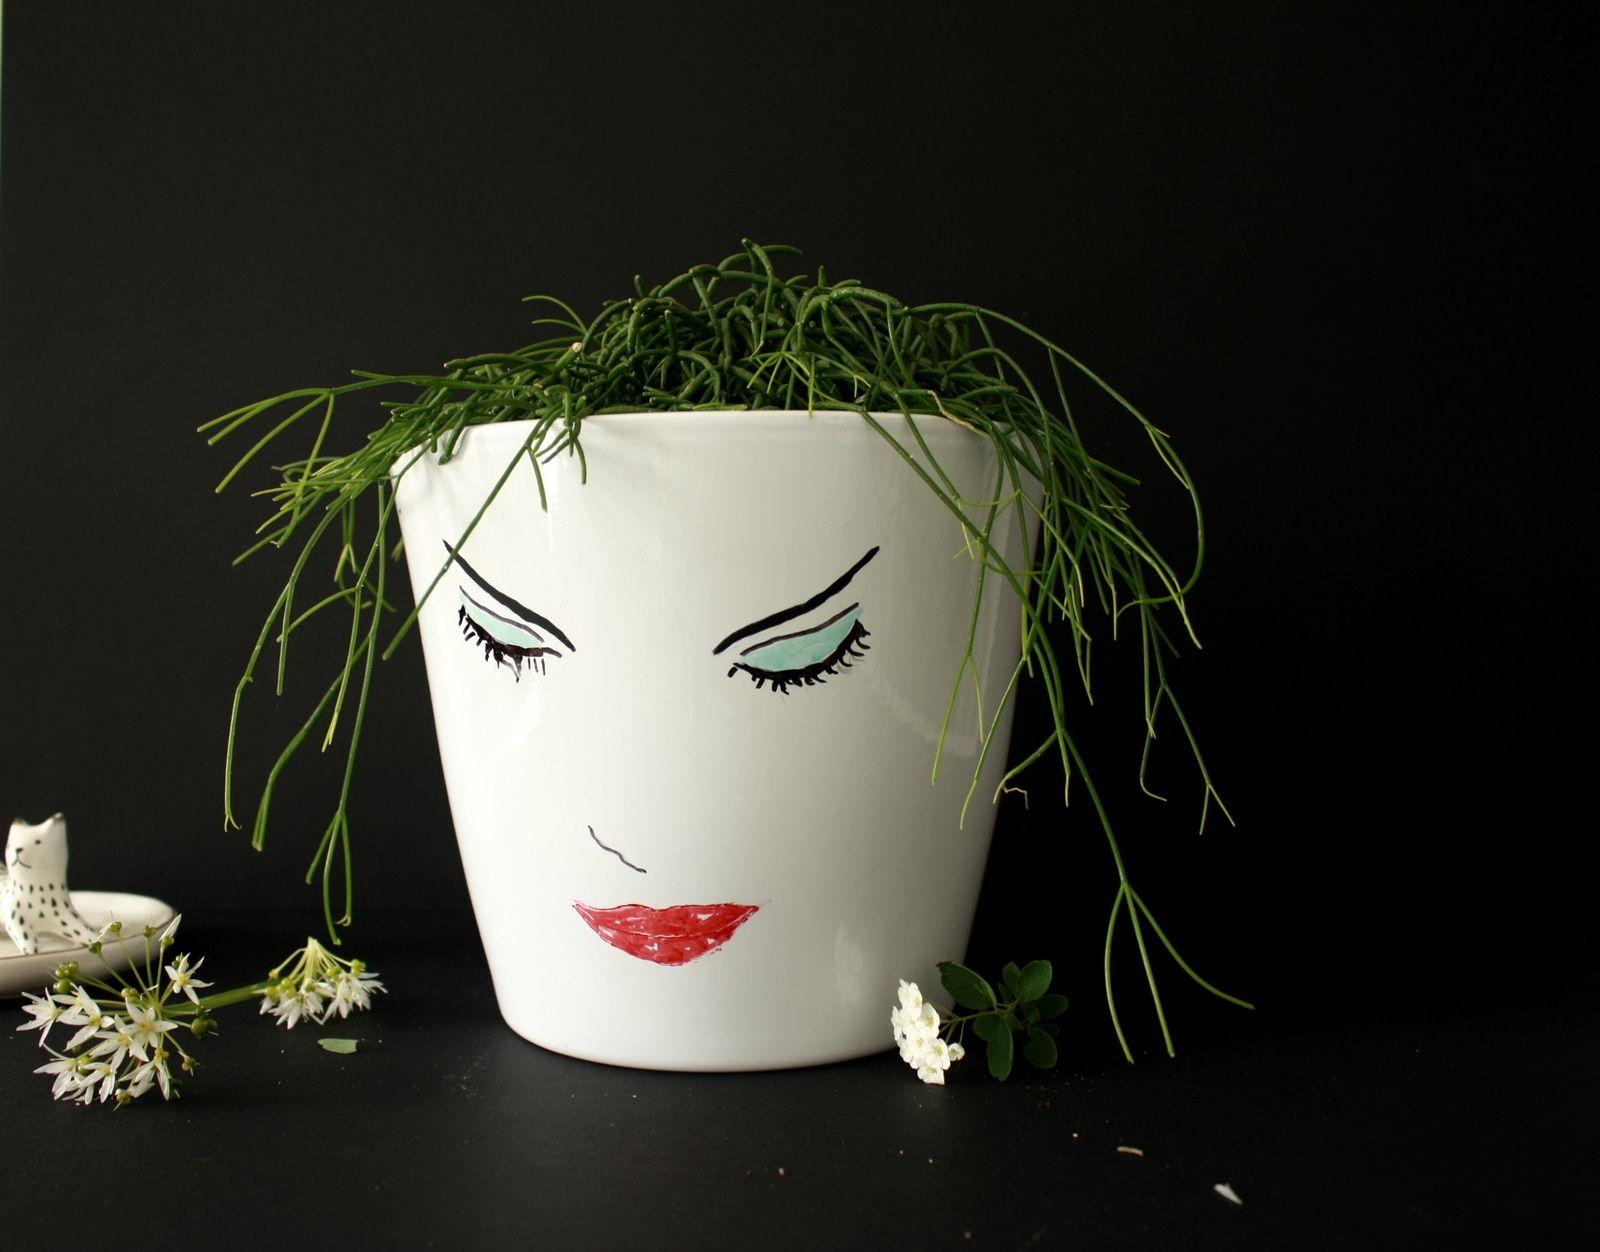 Customiser un pot de fleur ,esquisse en noir et blanc  !!